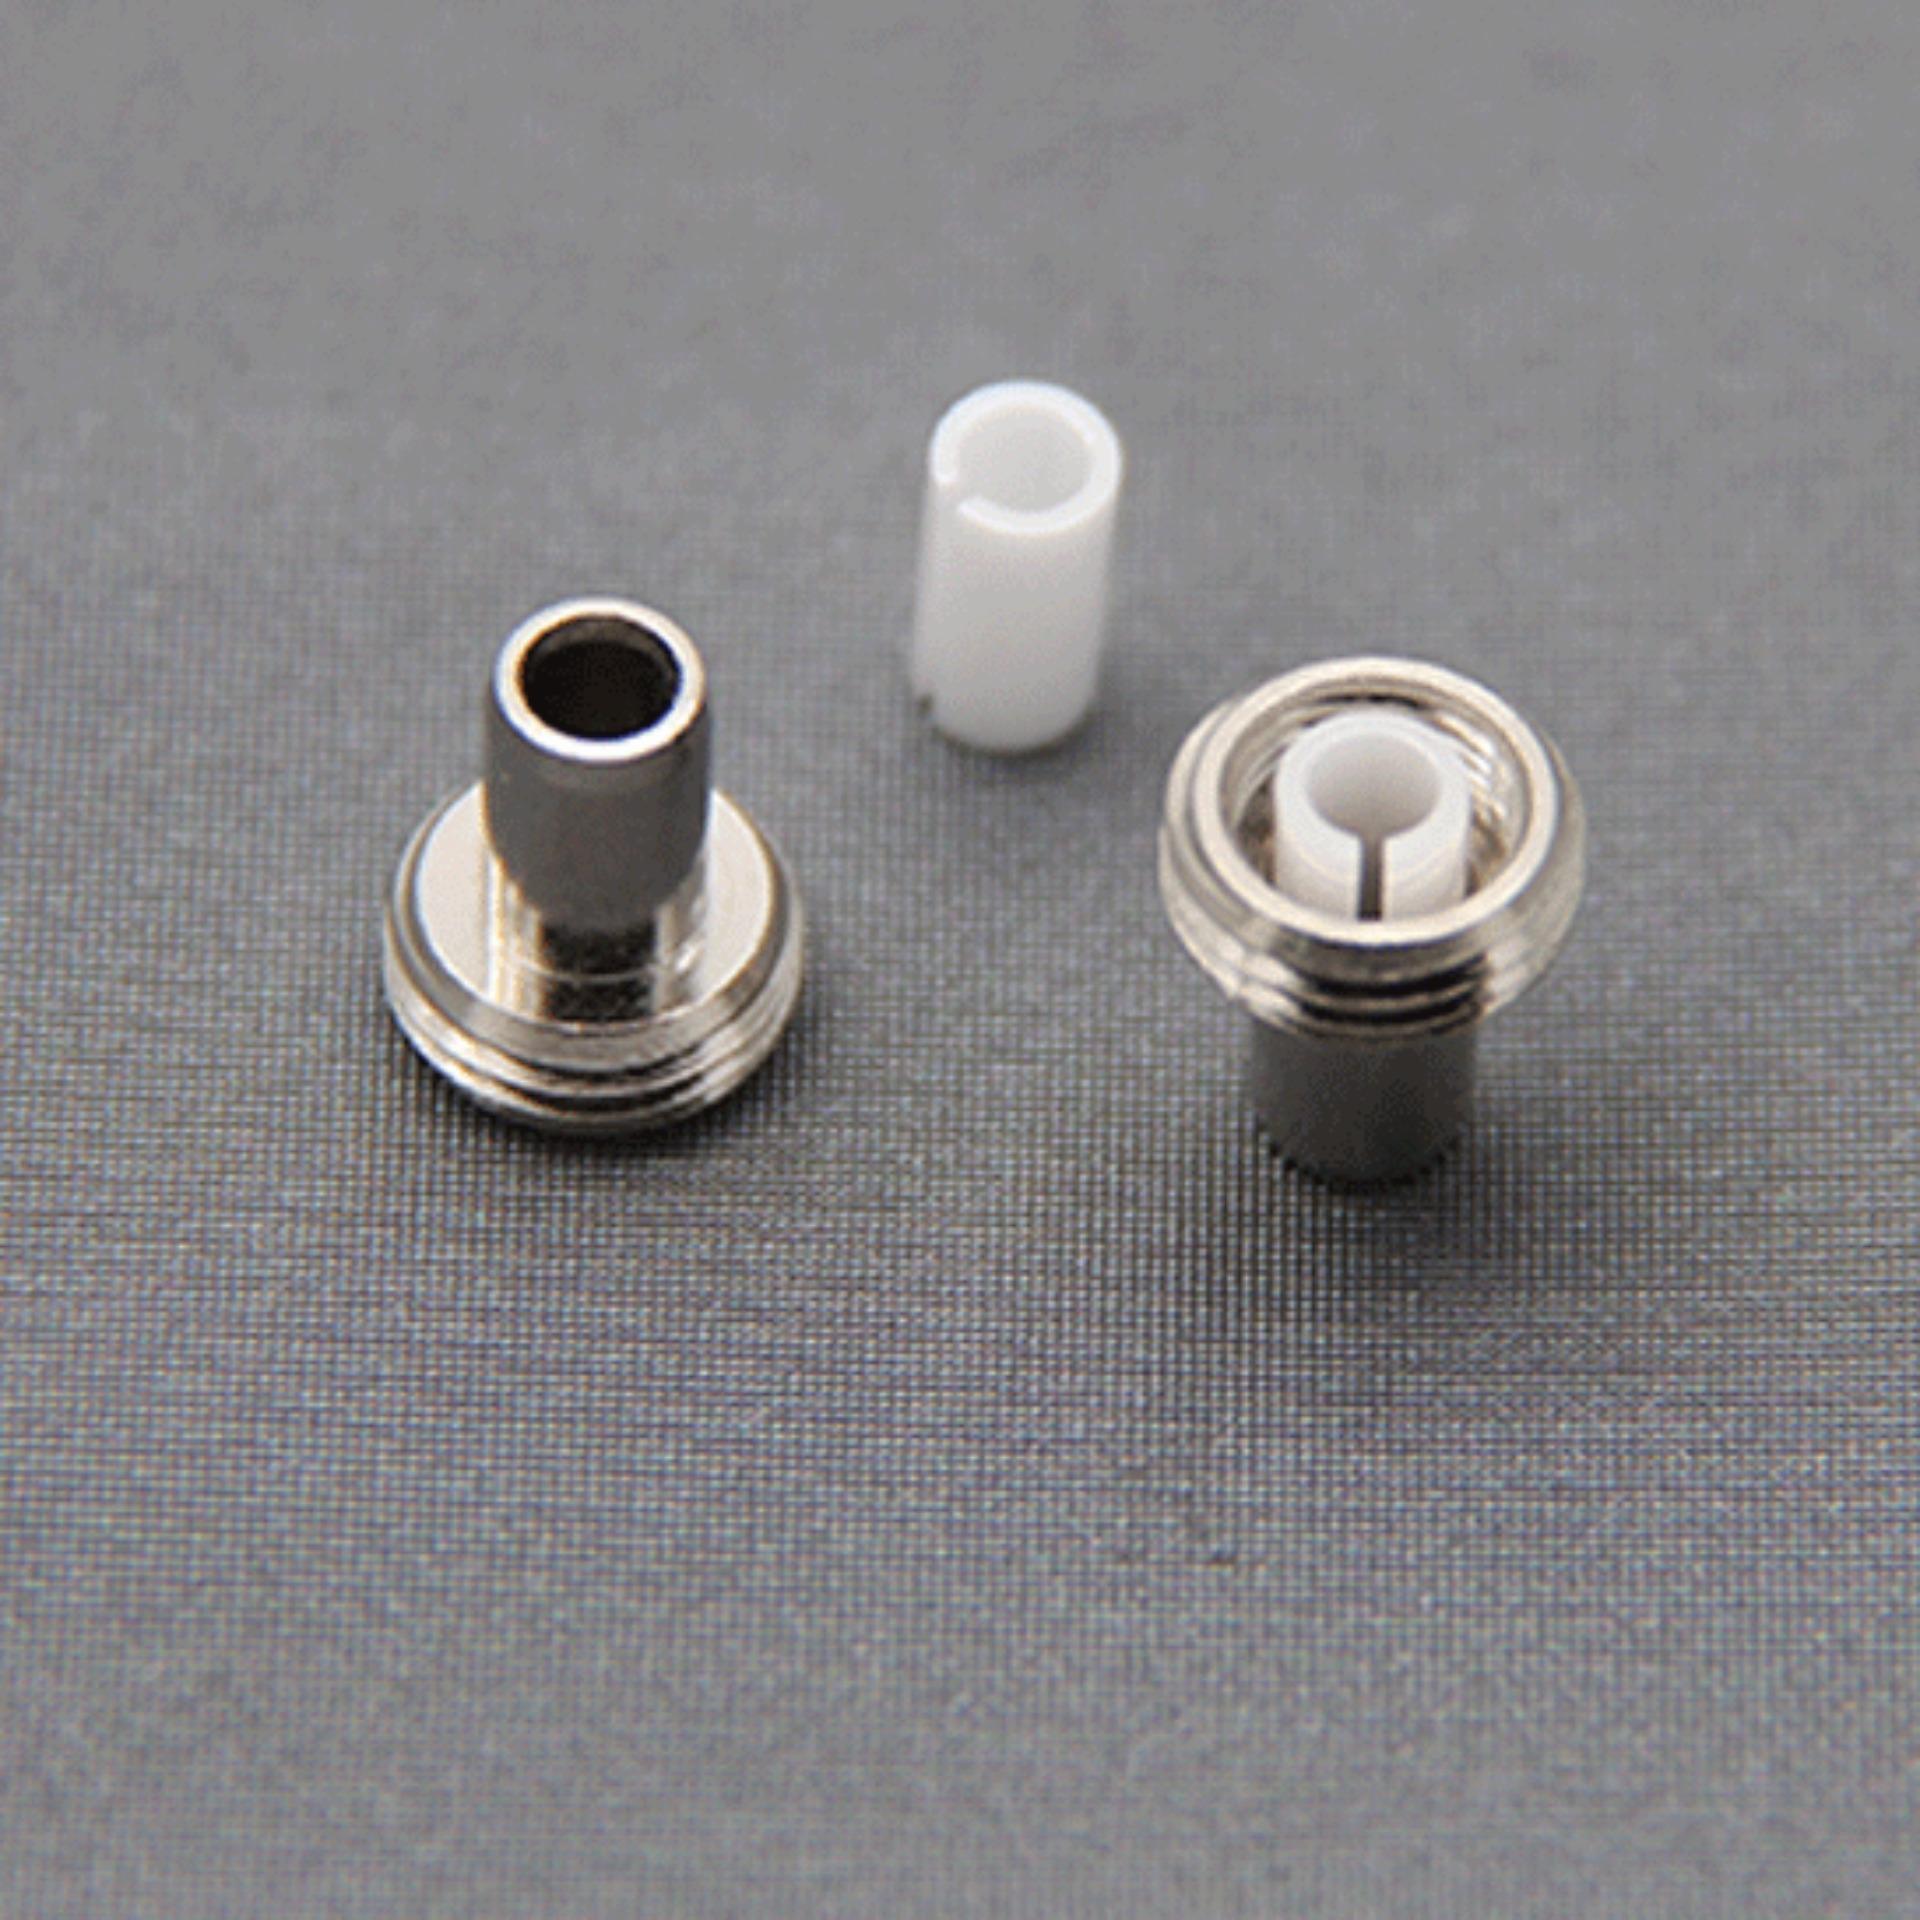 đầu kim loại sứ thay thế cho bút soi quang